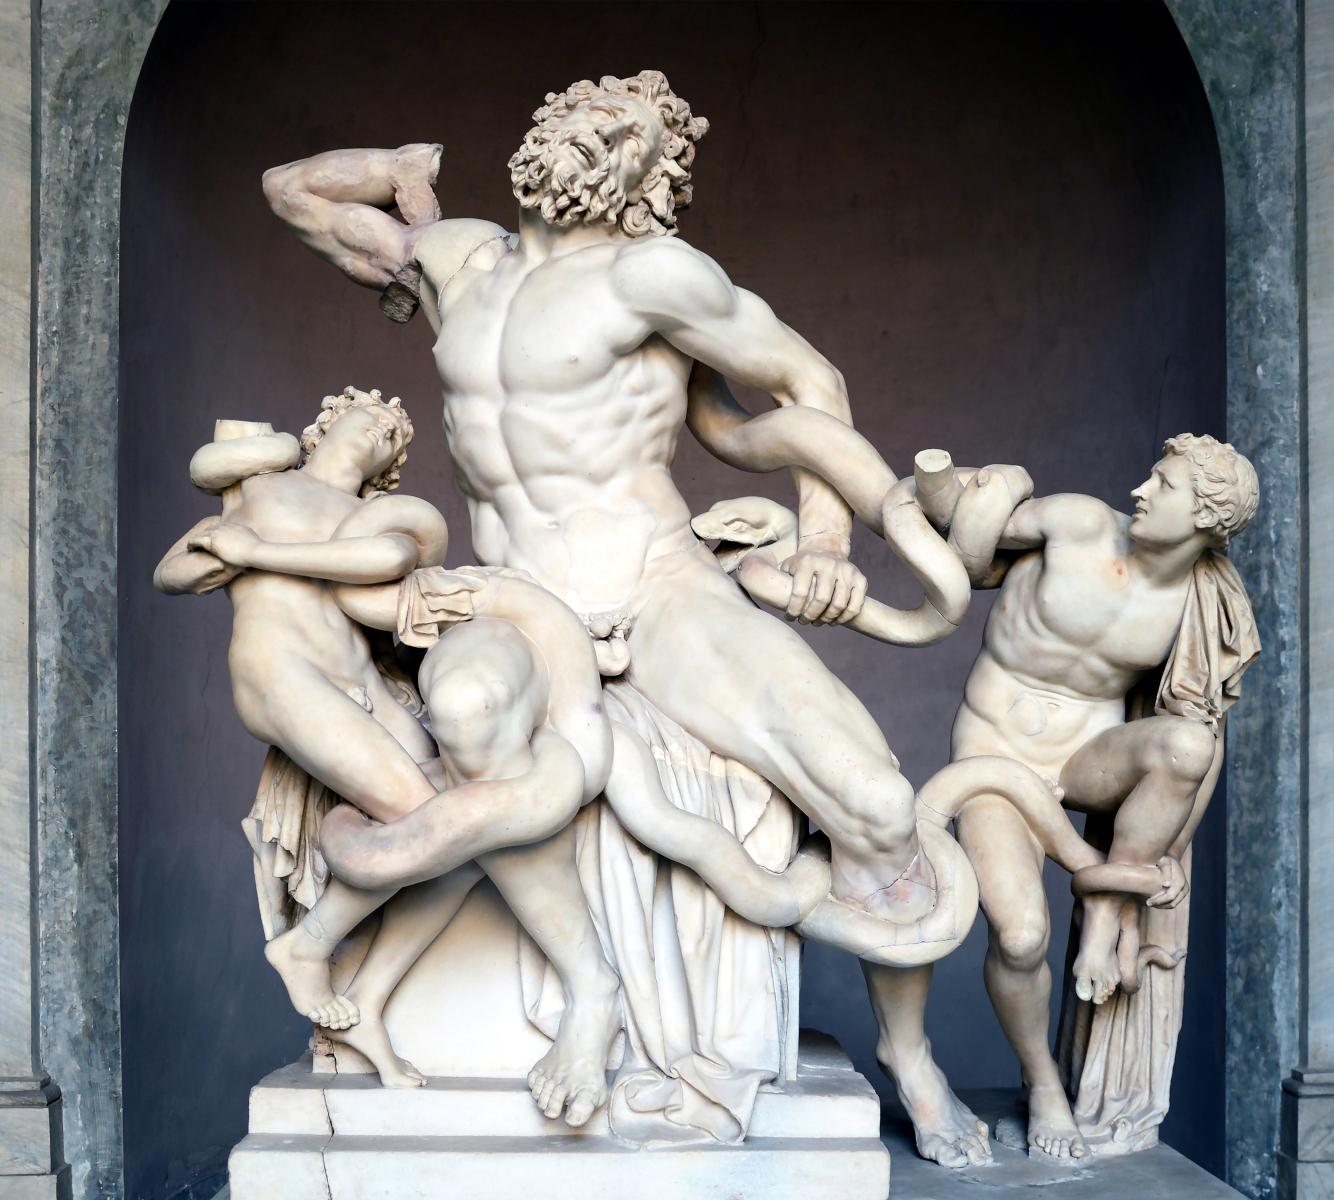 visite guidate senza fila Musei Vaticani